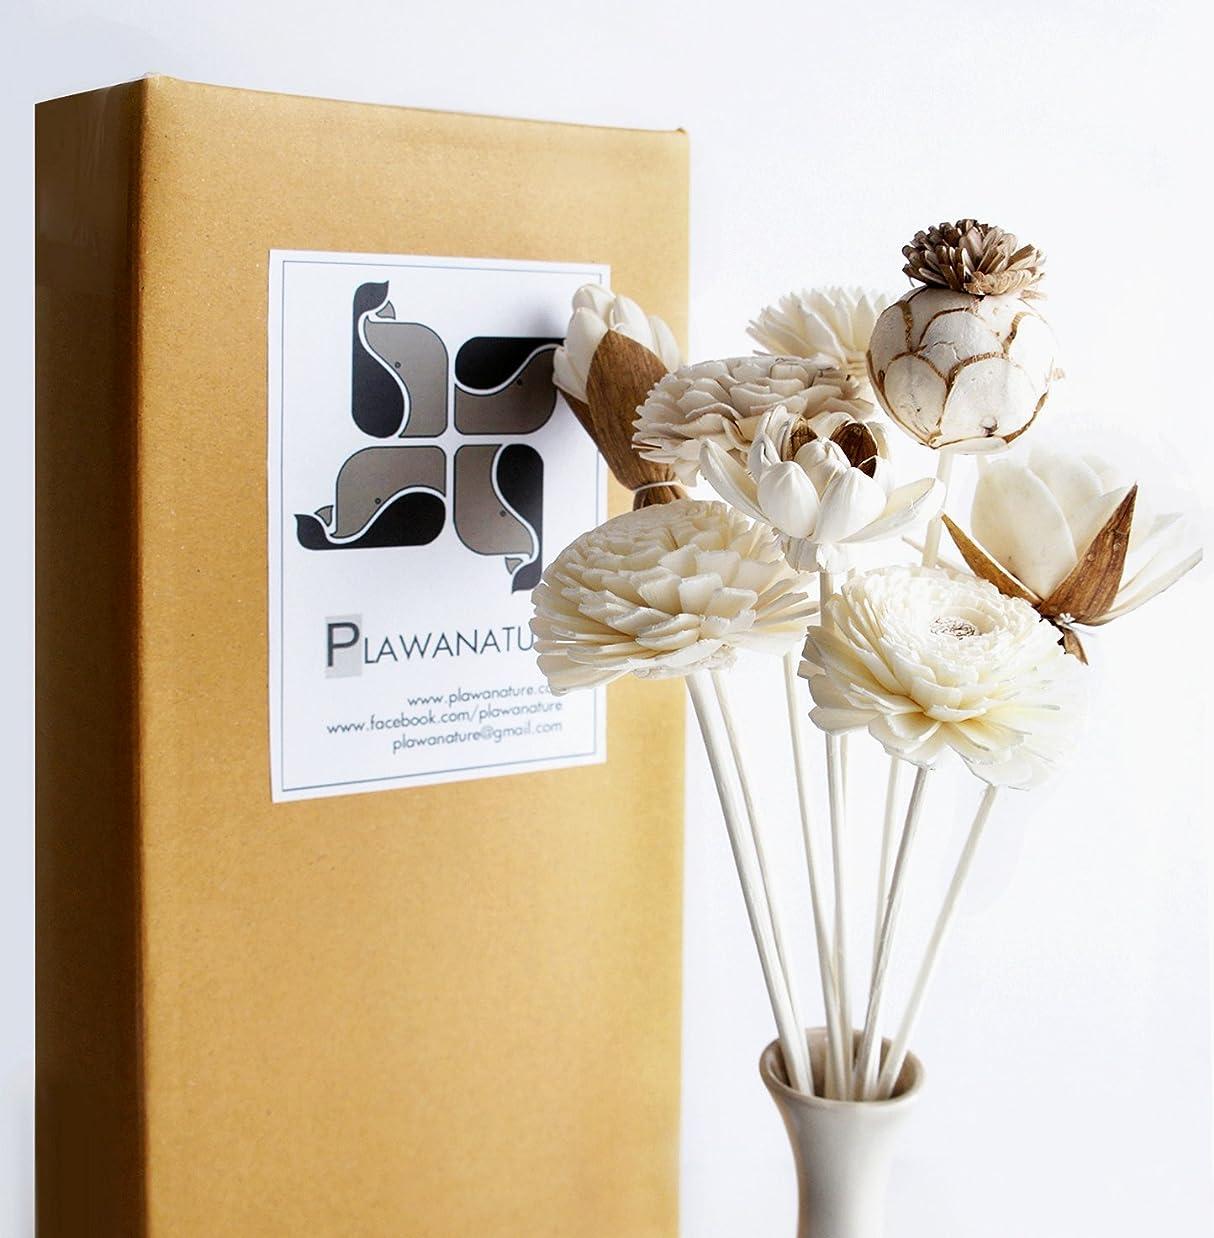 相互接続八百屋シールエキゾチックPlawanatureのセット8ミックスSola Wood Flower with Reed Diffuser for Home Fragranceアロマオイル。